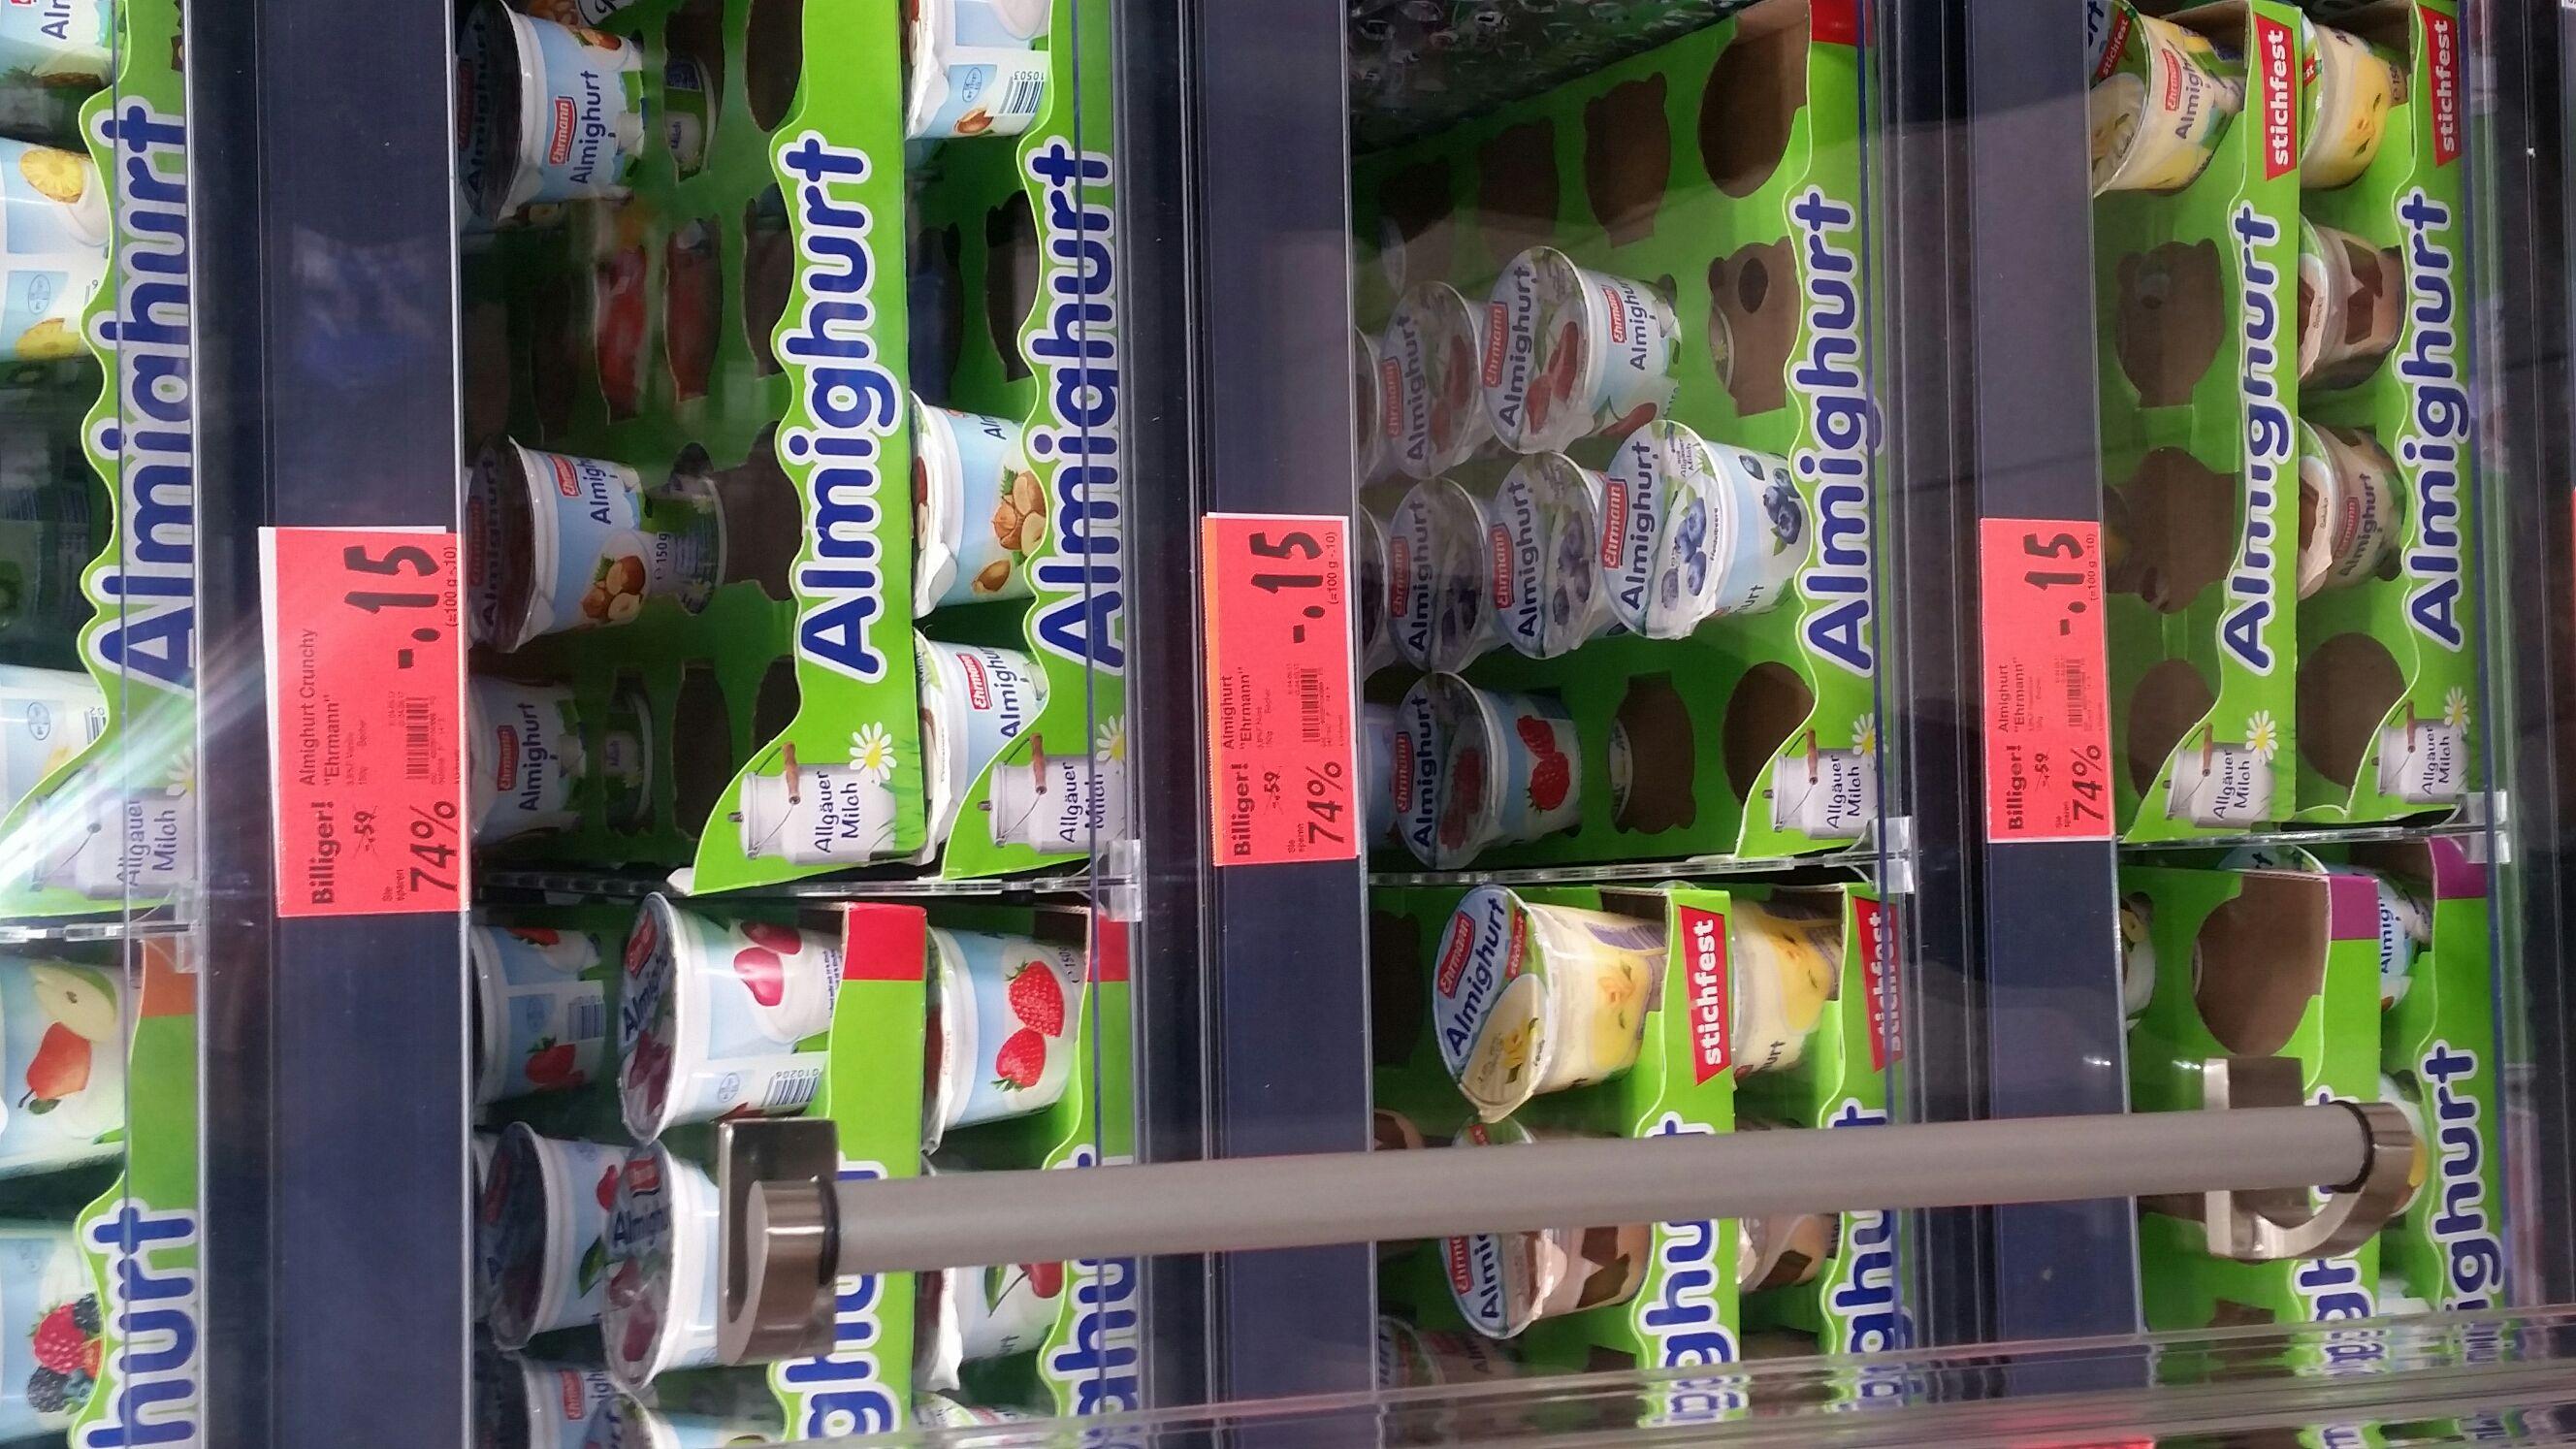 KAUFLAND (Lokal Itzehoe )  Almighurt von Ehrmann nur 0.15€ statt  0.59€  KEINE MHD